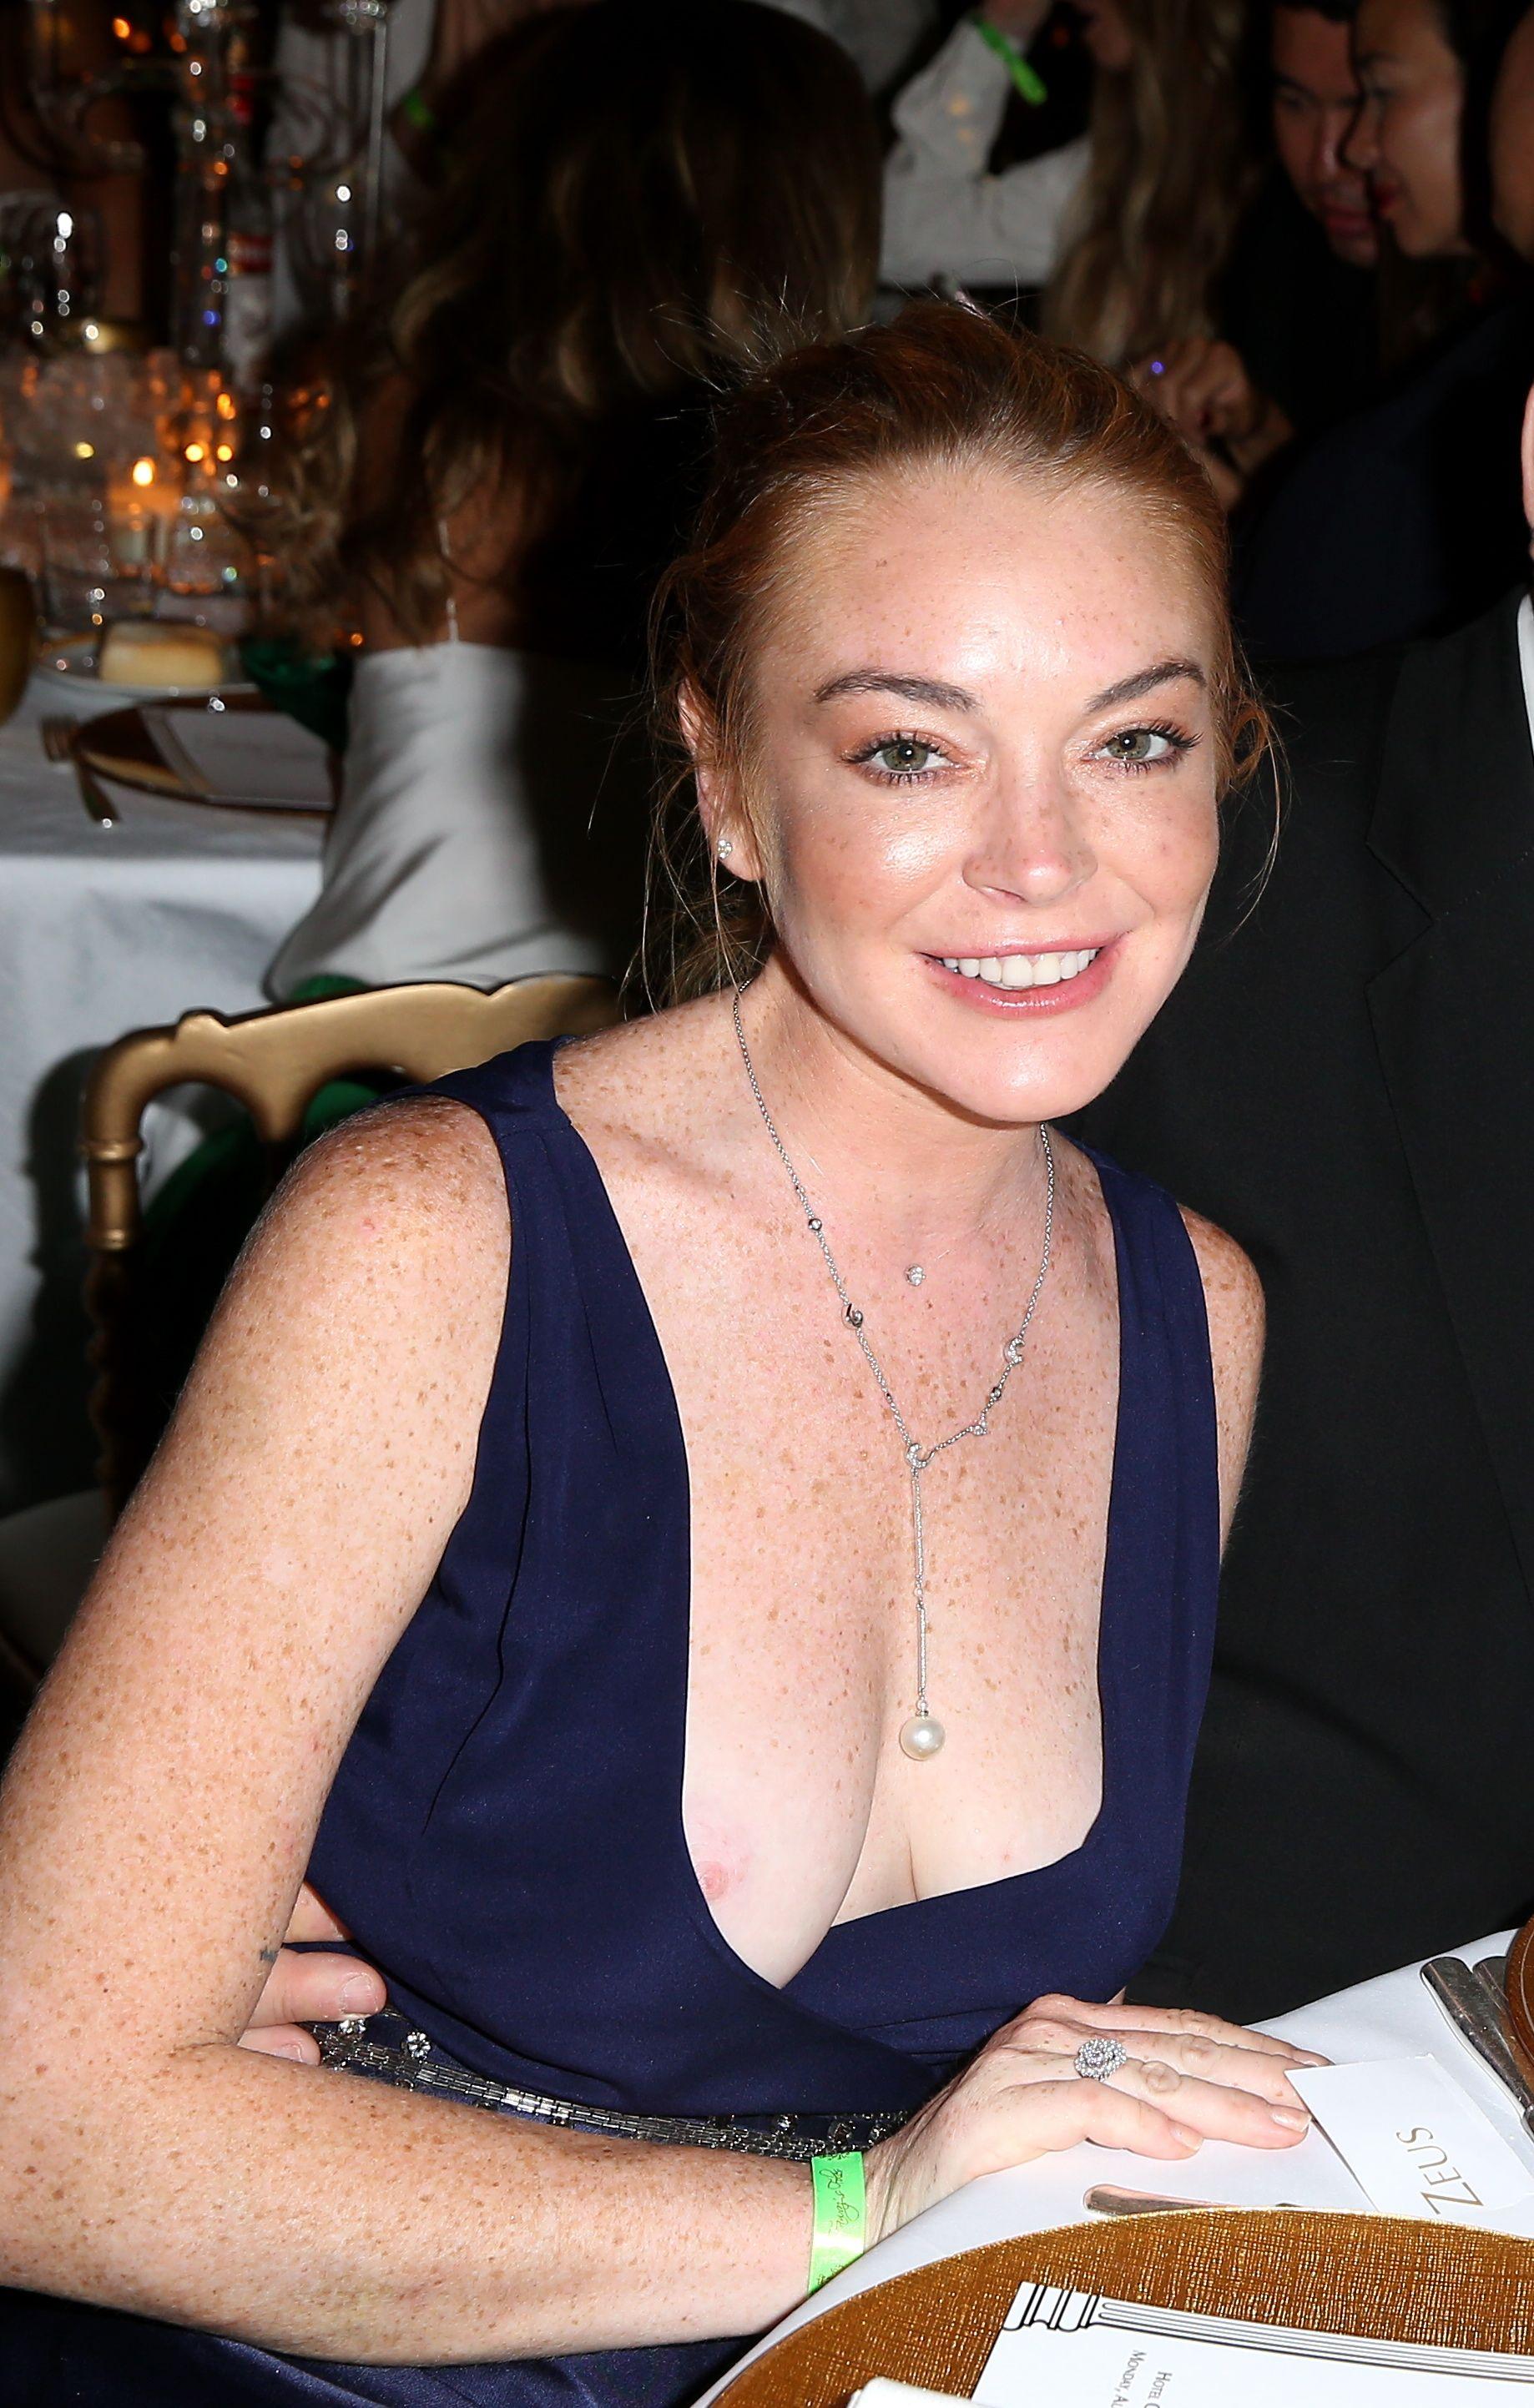 Lindsay-Lohan-Nip-Slip-1